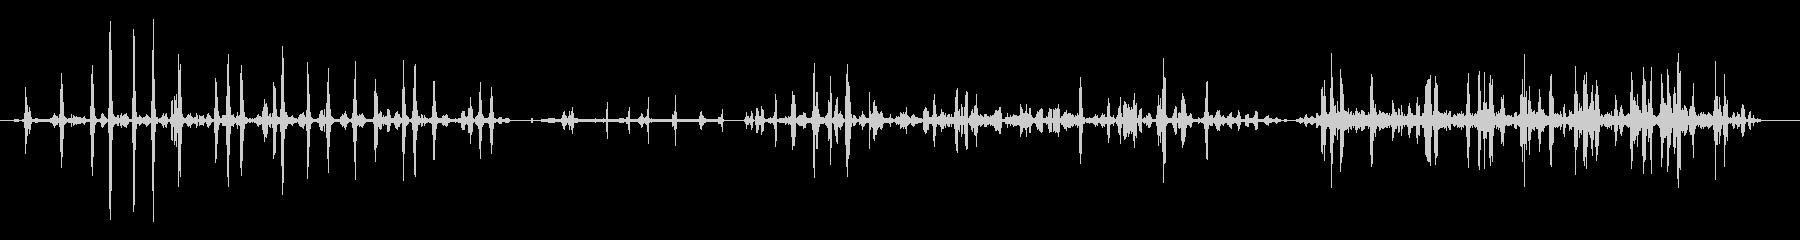 スズメ-パルダルコムの未再生の波形